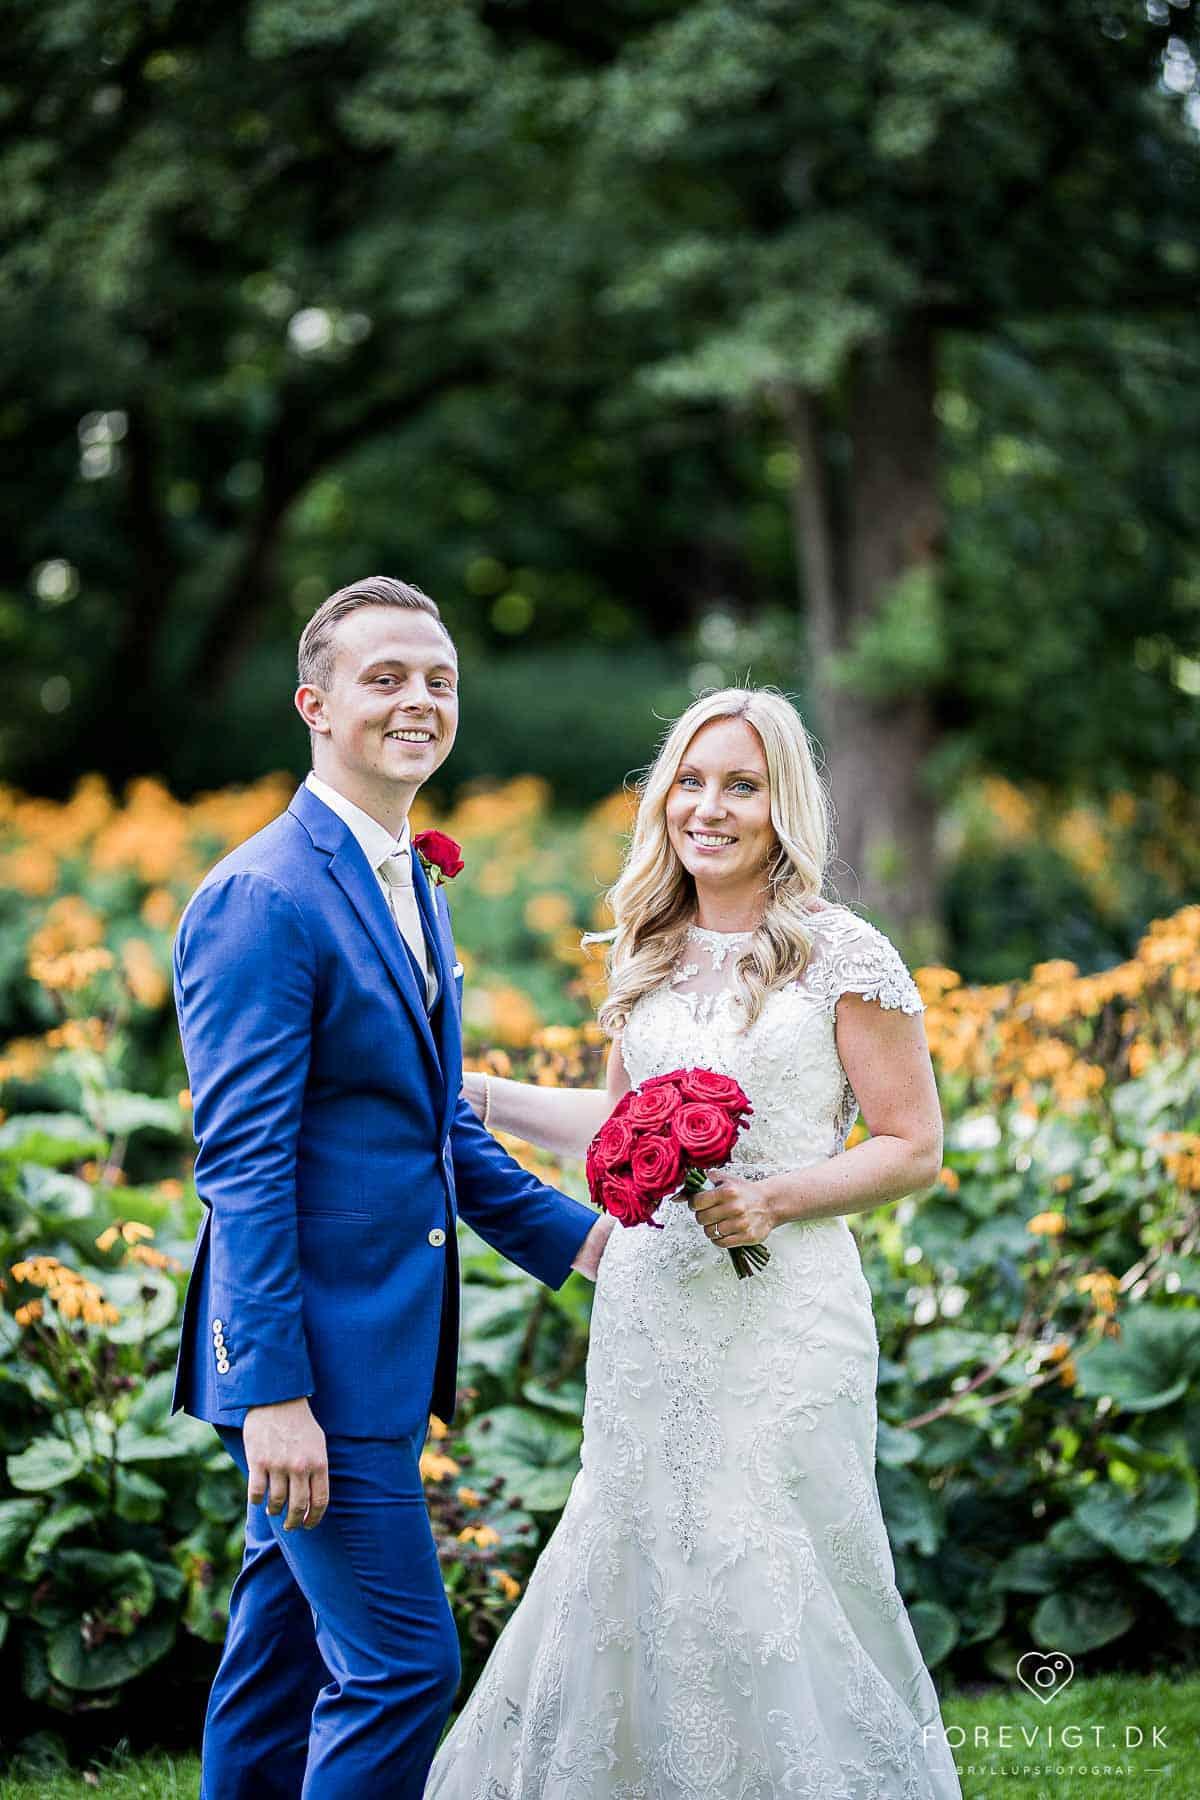 Josty Frederiksberg bryllupper